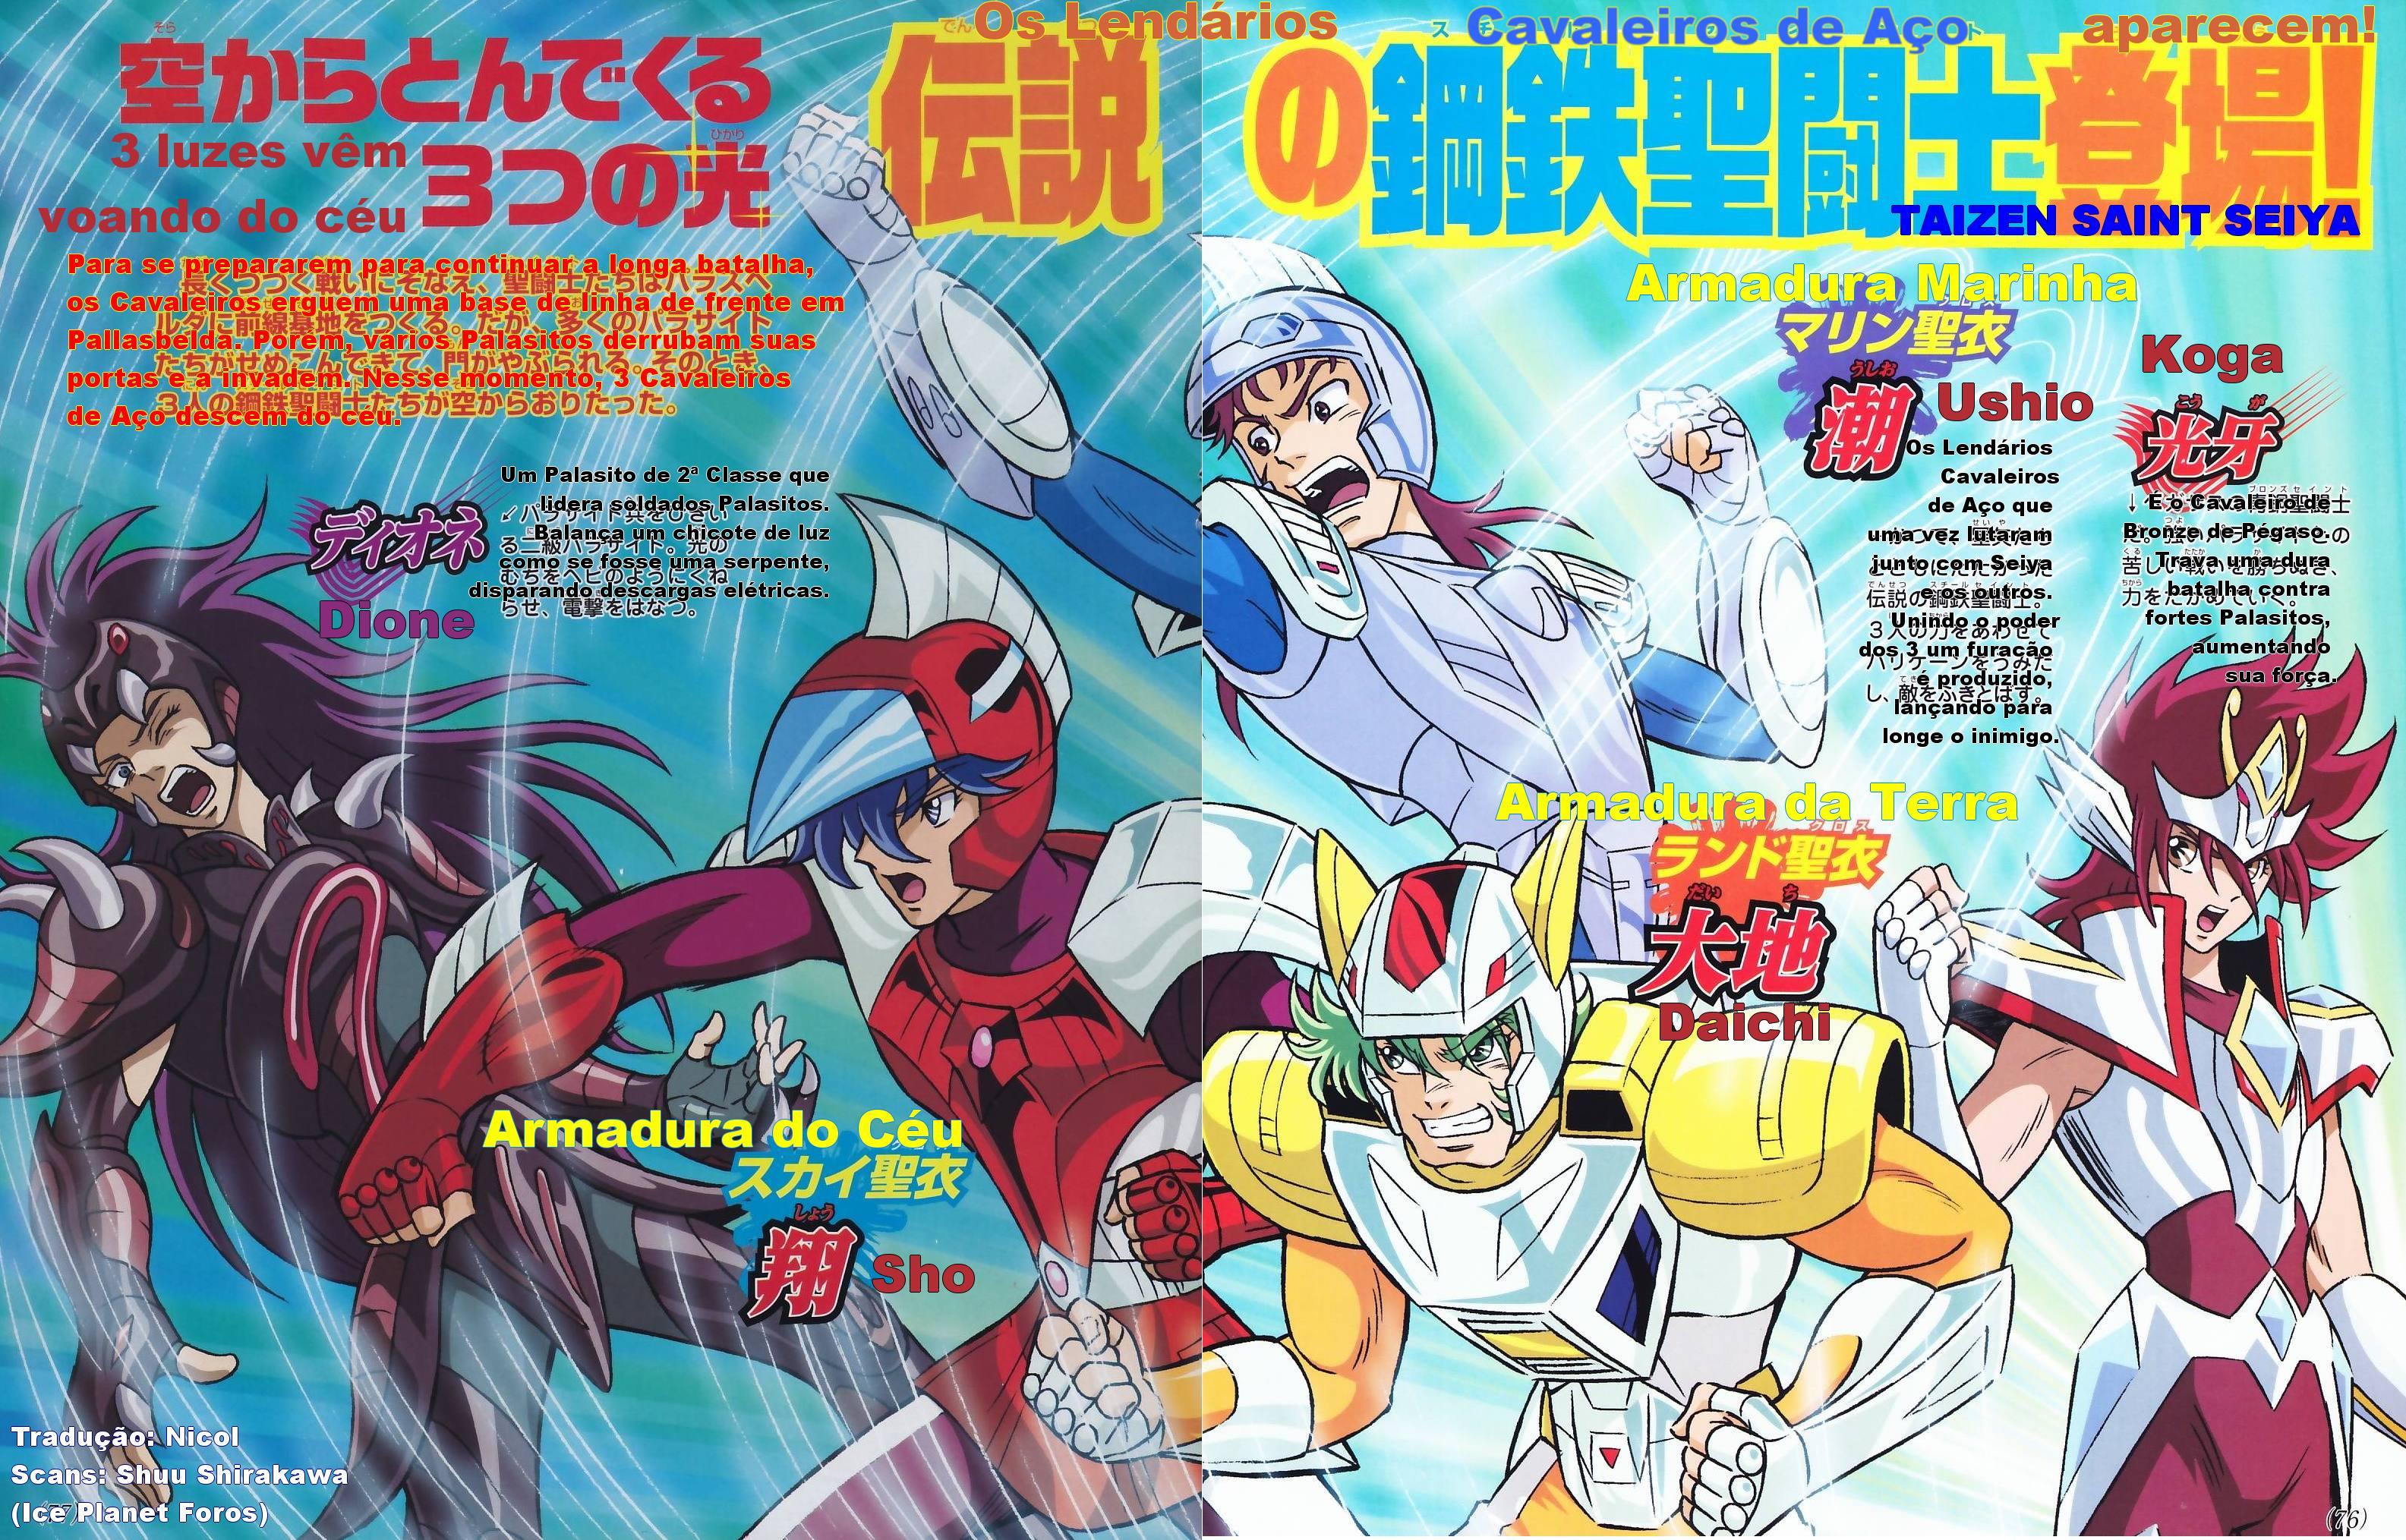 Saint Seiya Omega Episode 37